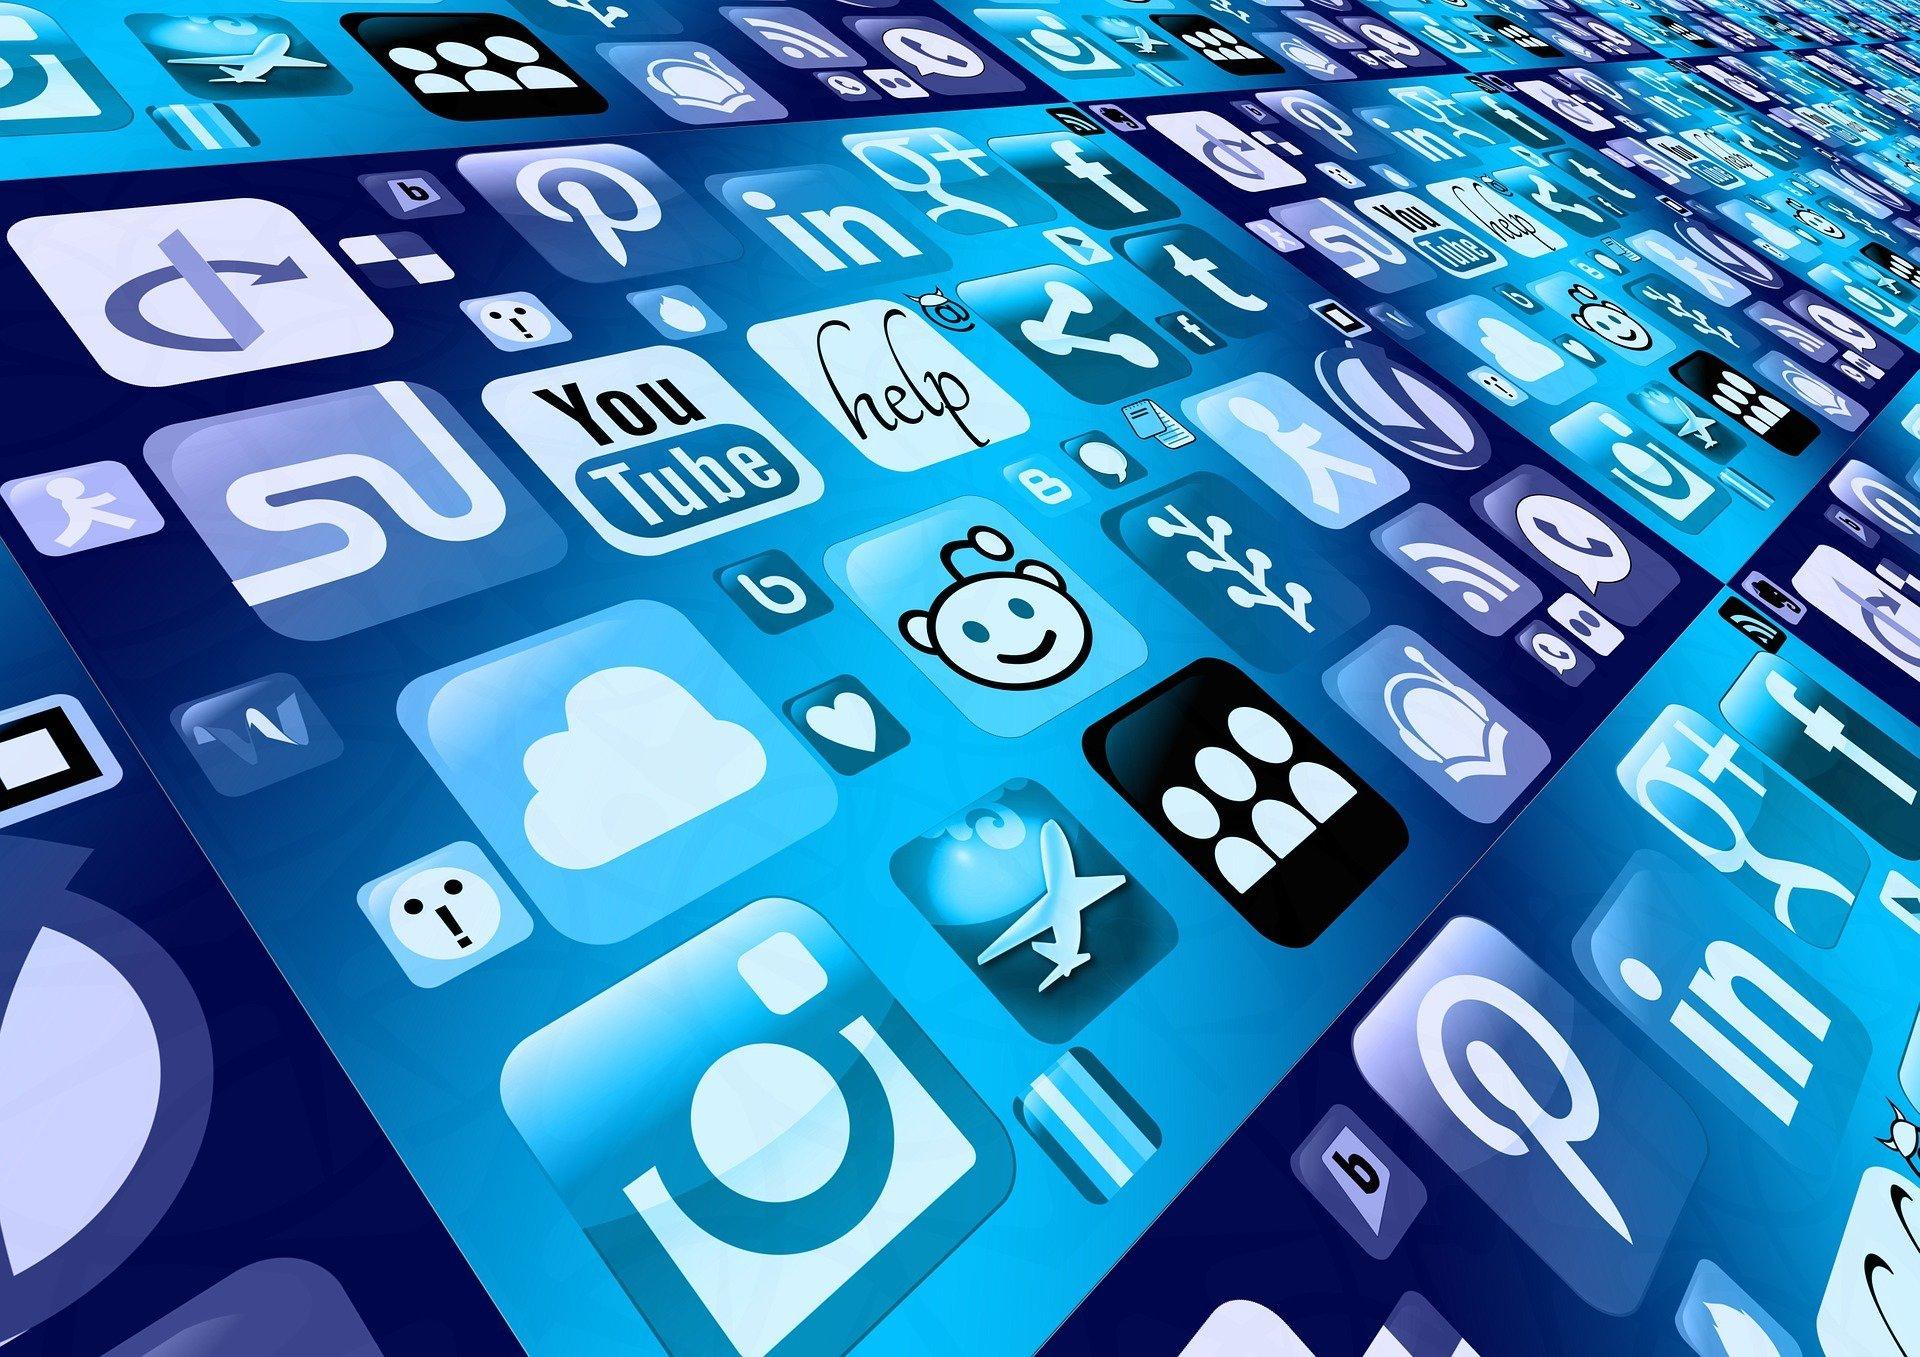 Internet-Therapie-apps reduzieren depression Symptome, Studie findet